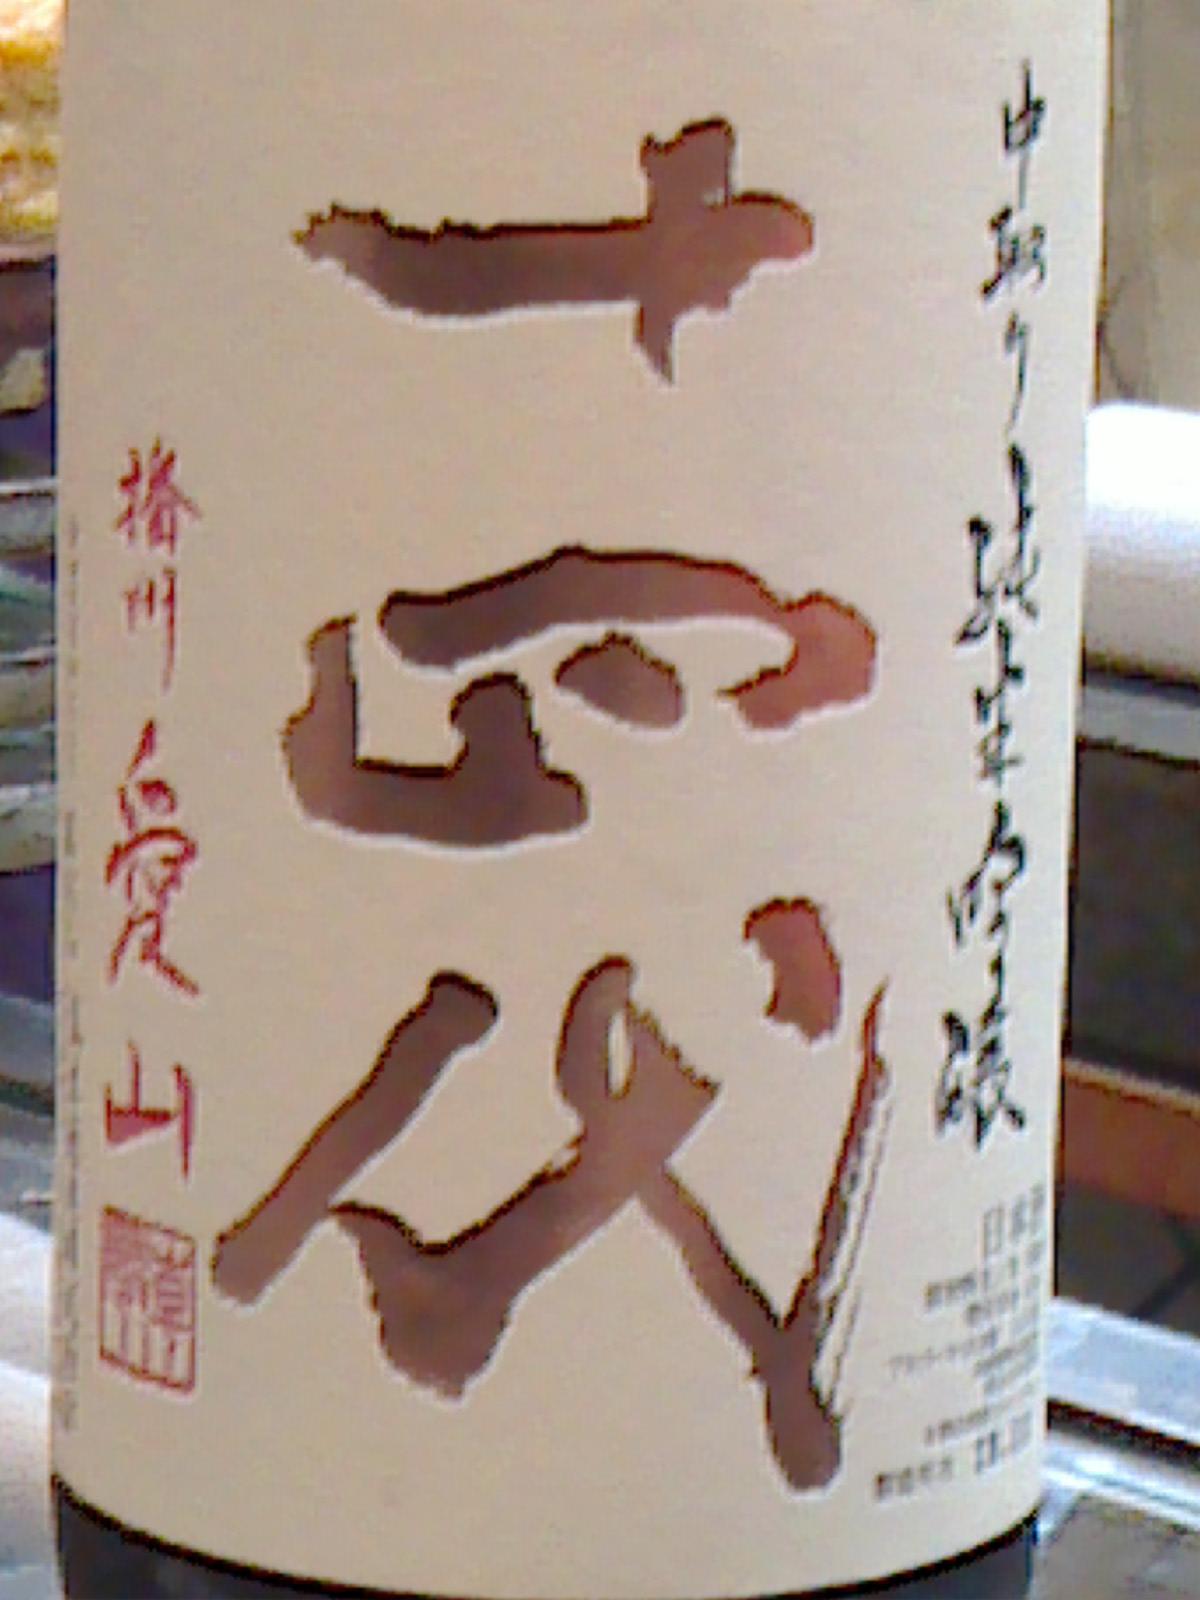 千葉でとても美味しいお寿司をお腹いっぱいいただきました。_c0225997_932317.jpg